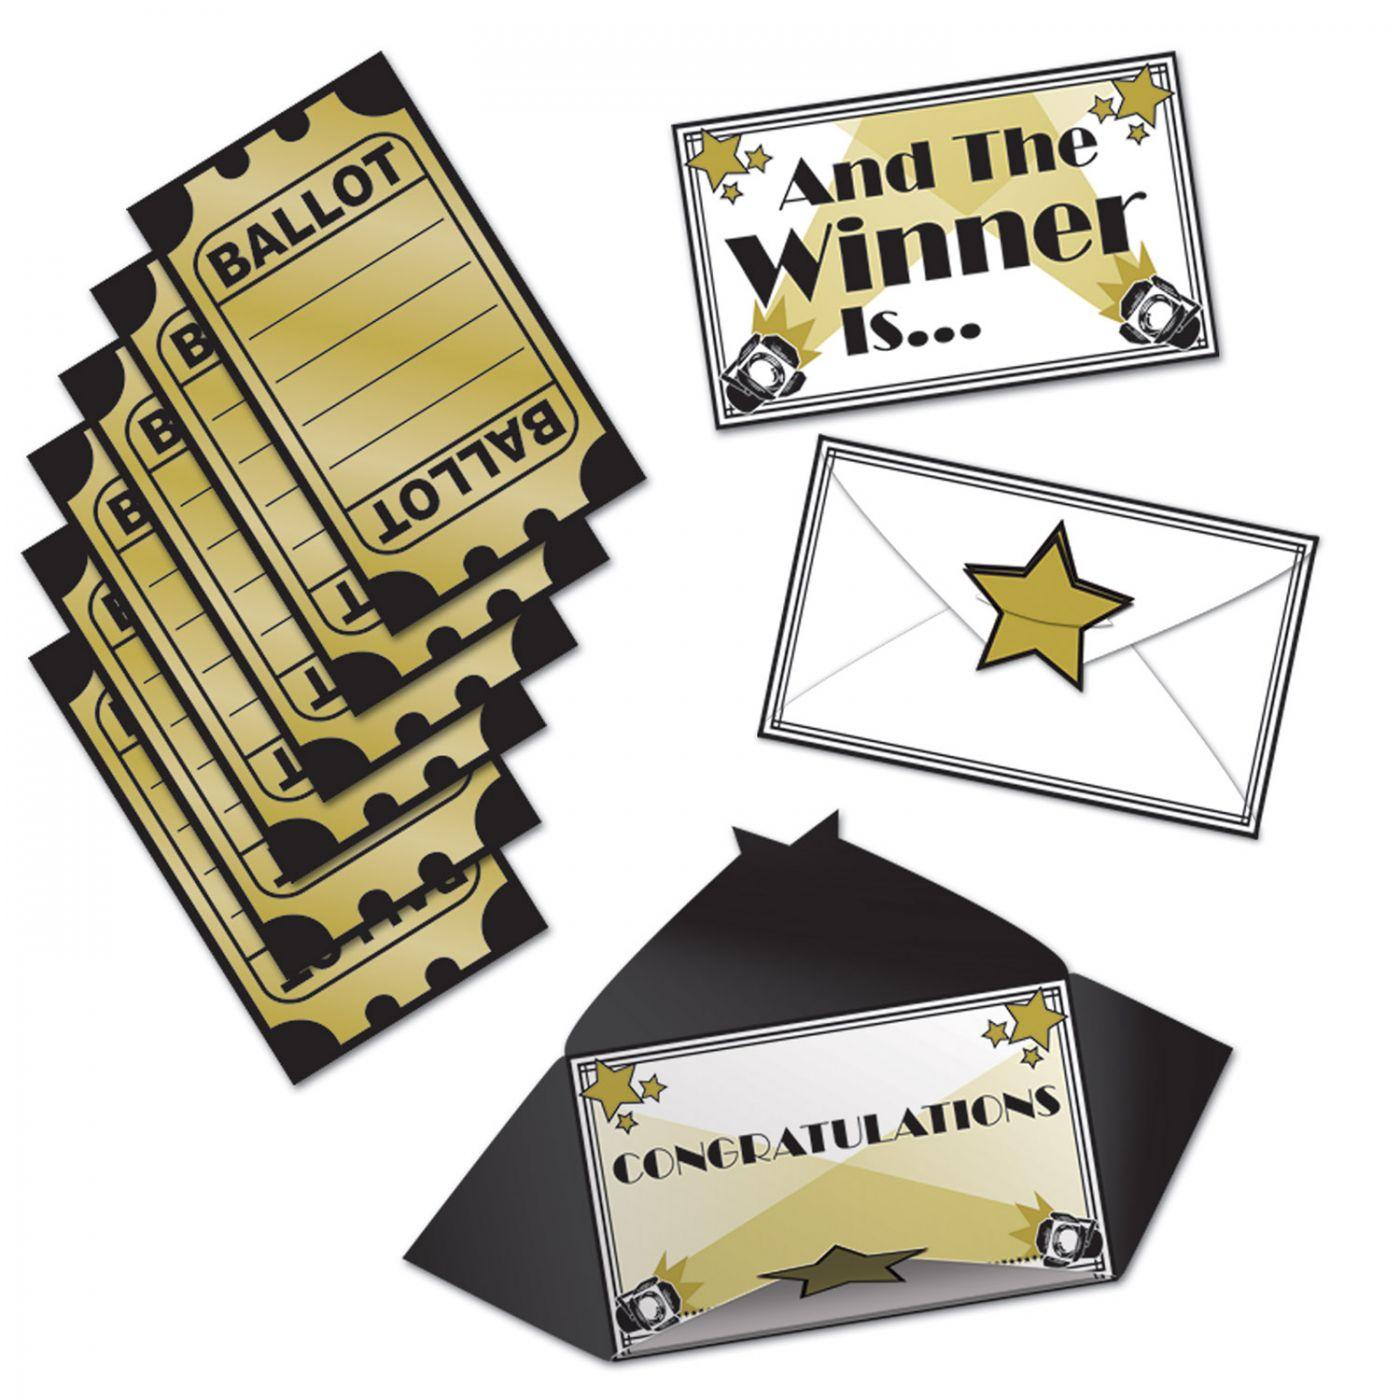 Awards Night Ballots image